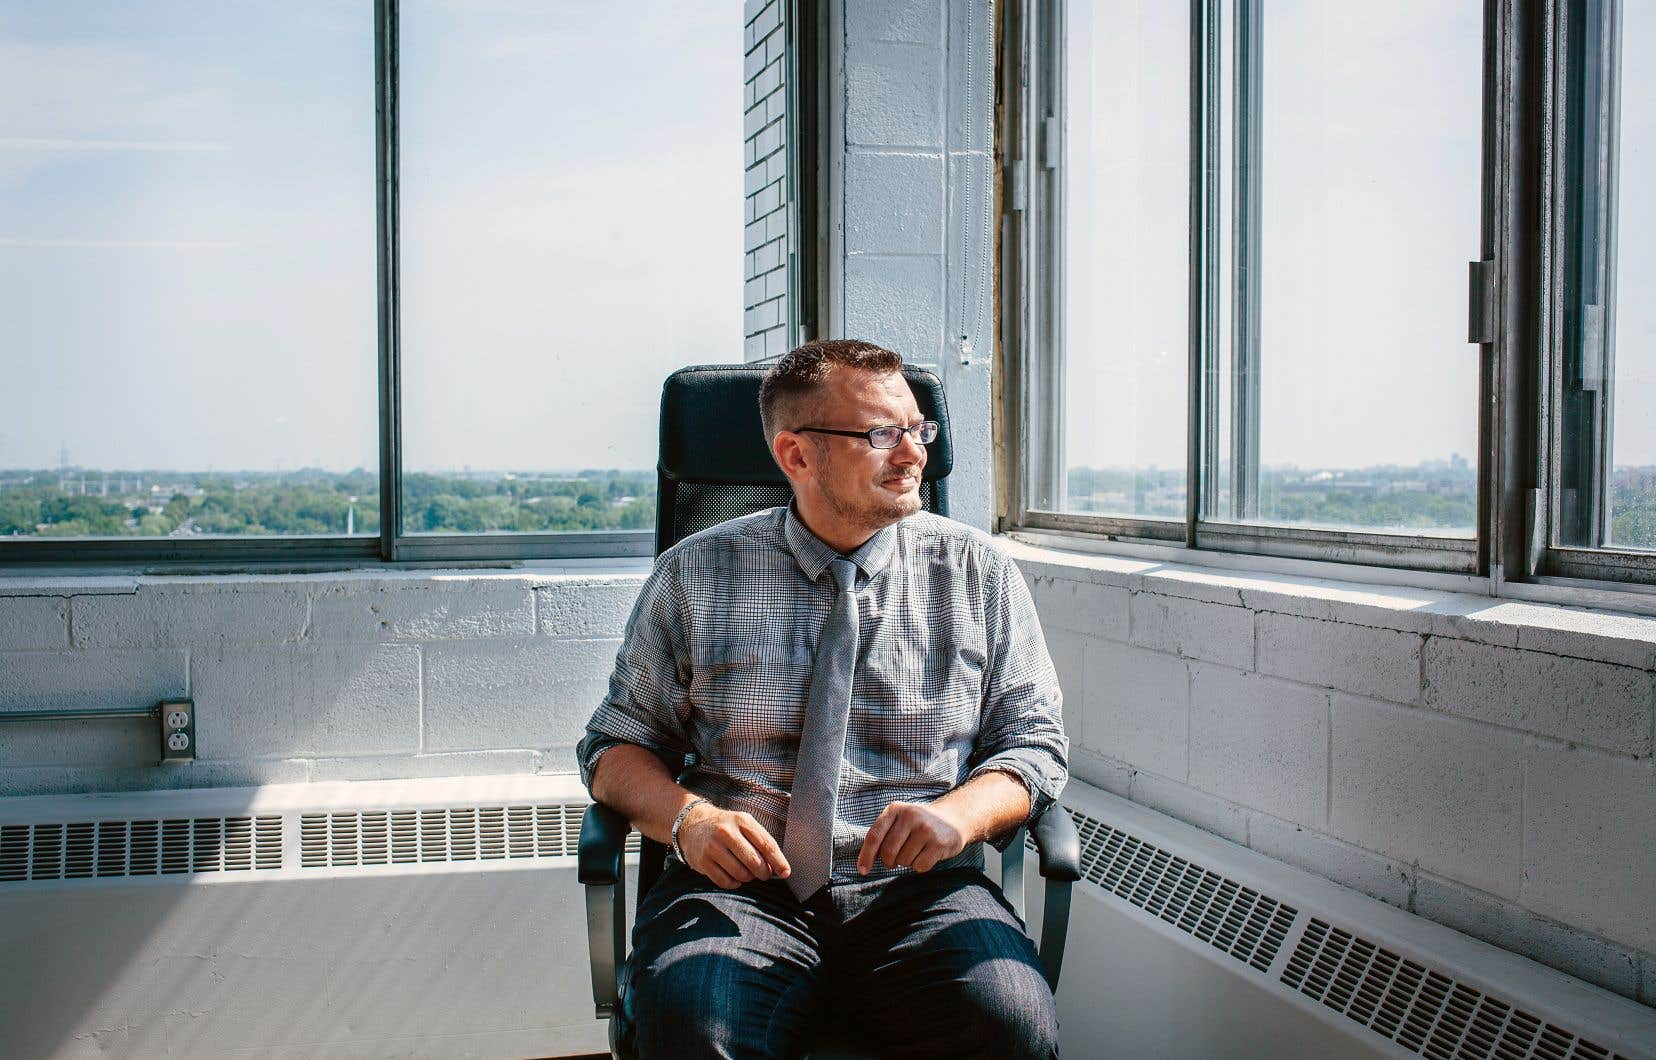 Après 14 années passées dans le domaine des piscines creusées, Sébastien Gagné a entrepris un véritable virage professionnel en devenant programmeur après des études en informatique.